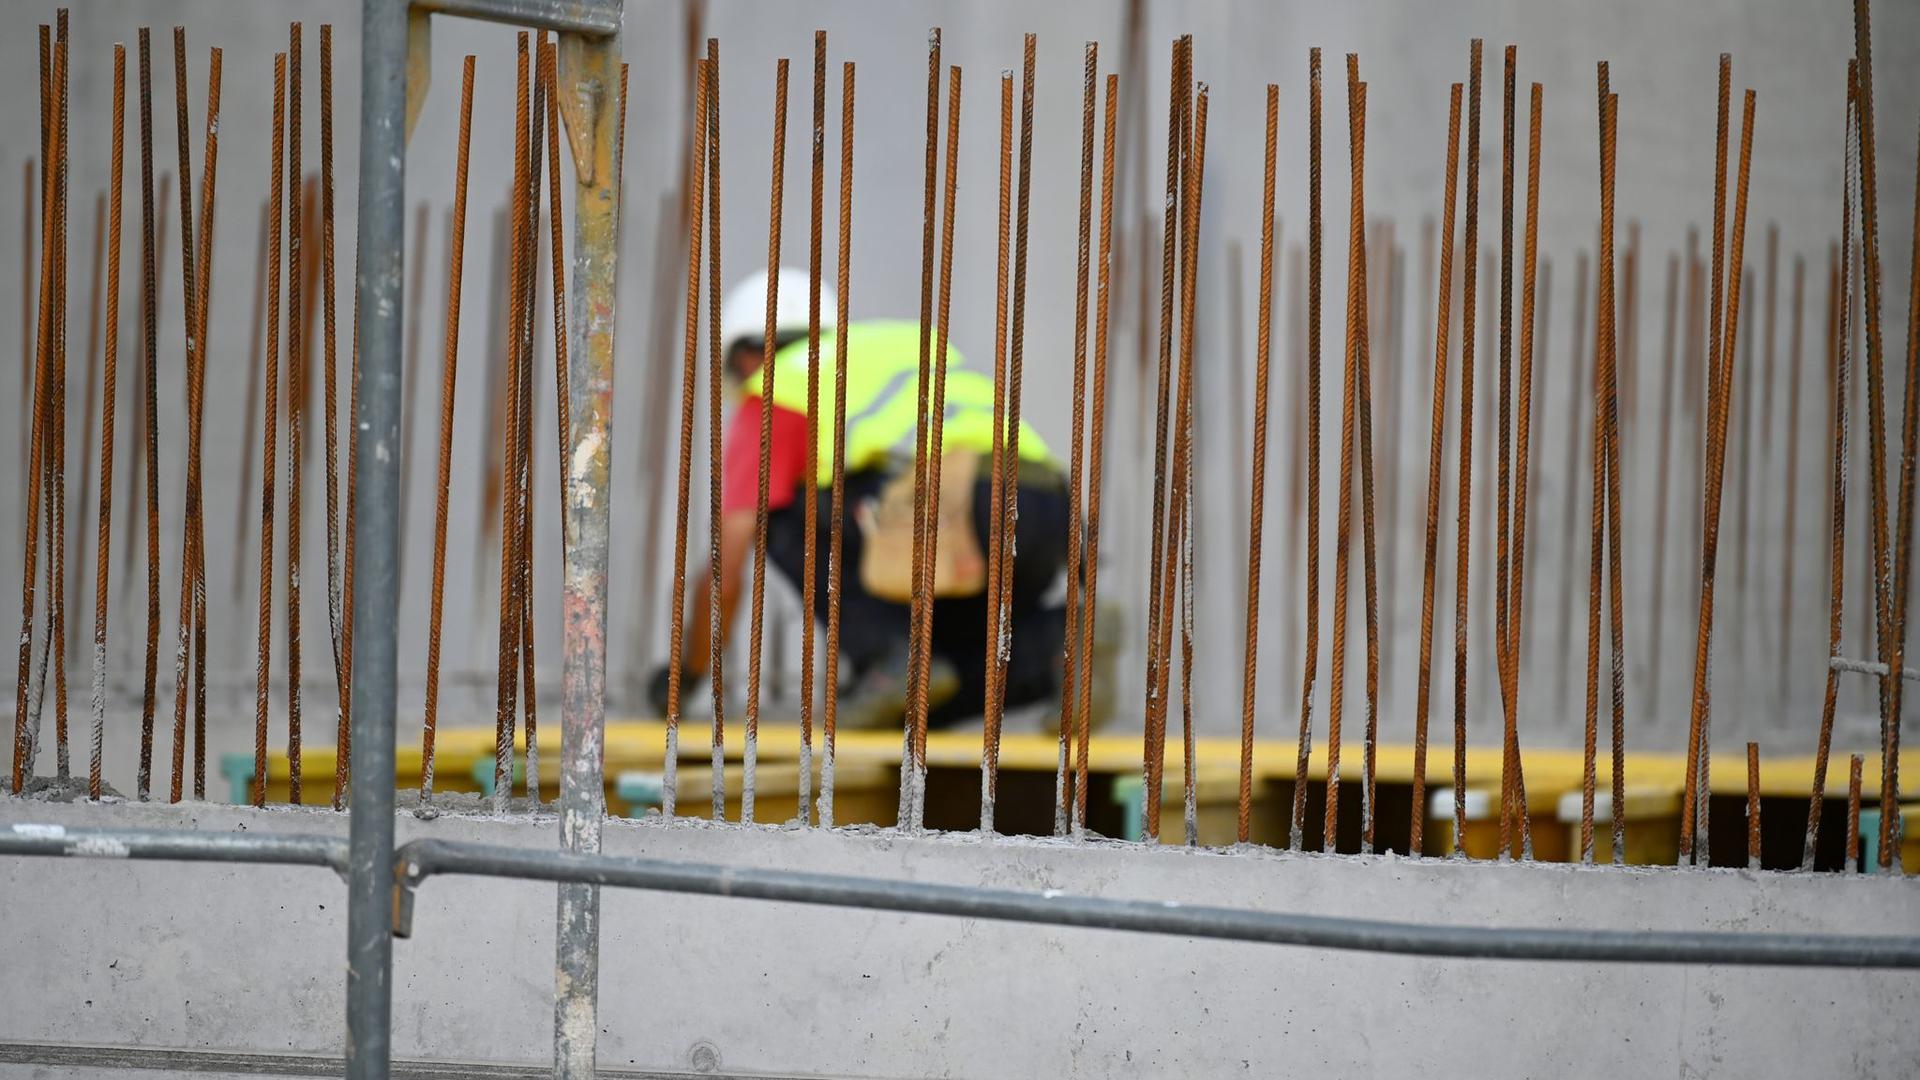 Ein Handwerker arbeitet auf einer Baustelle an Betonstahlträgern.